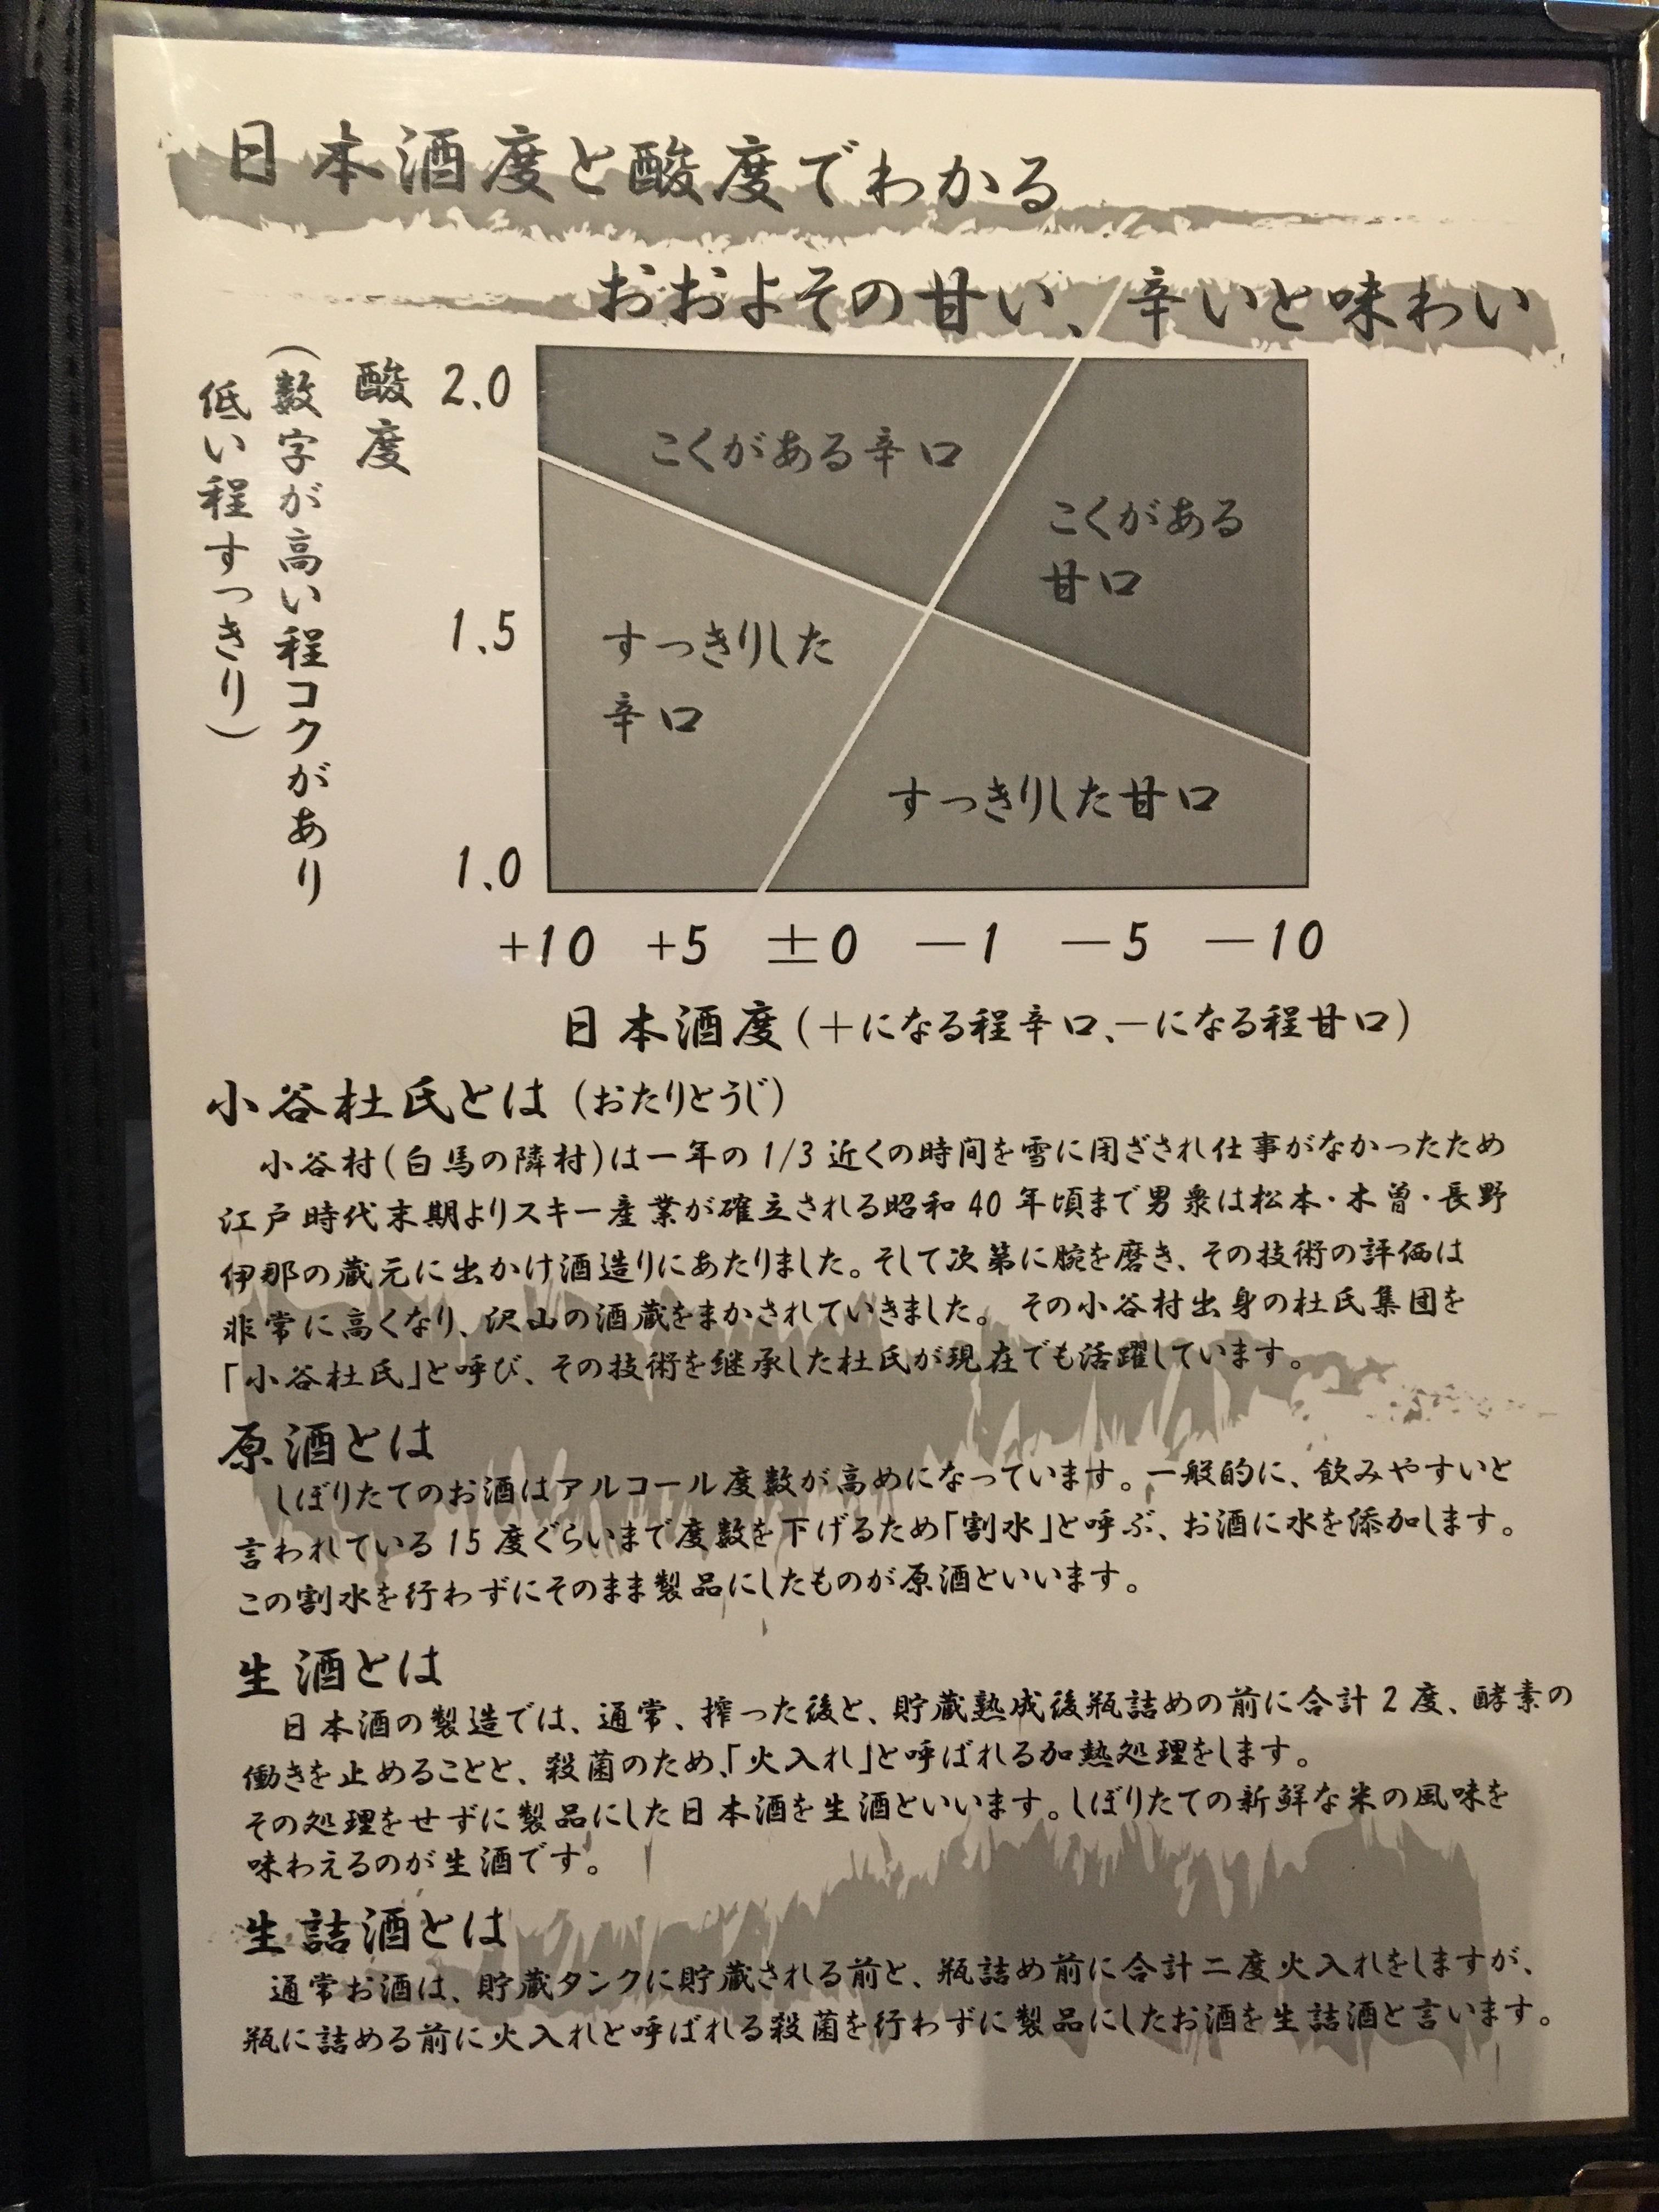 f:id:kaminashiko:20180711083337j:plain